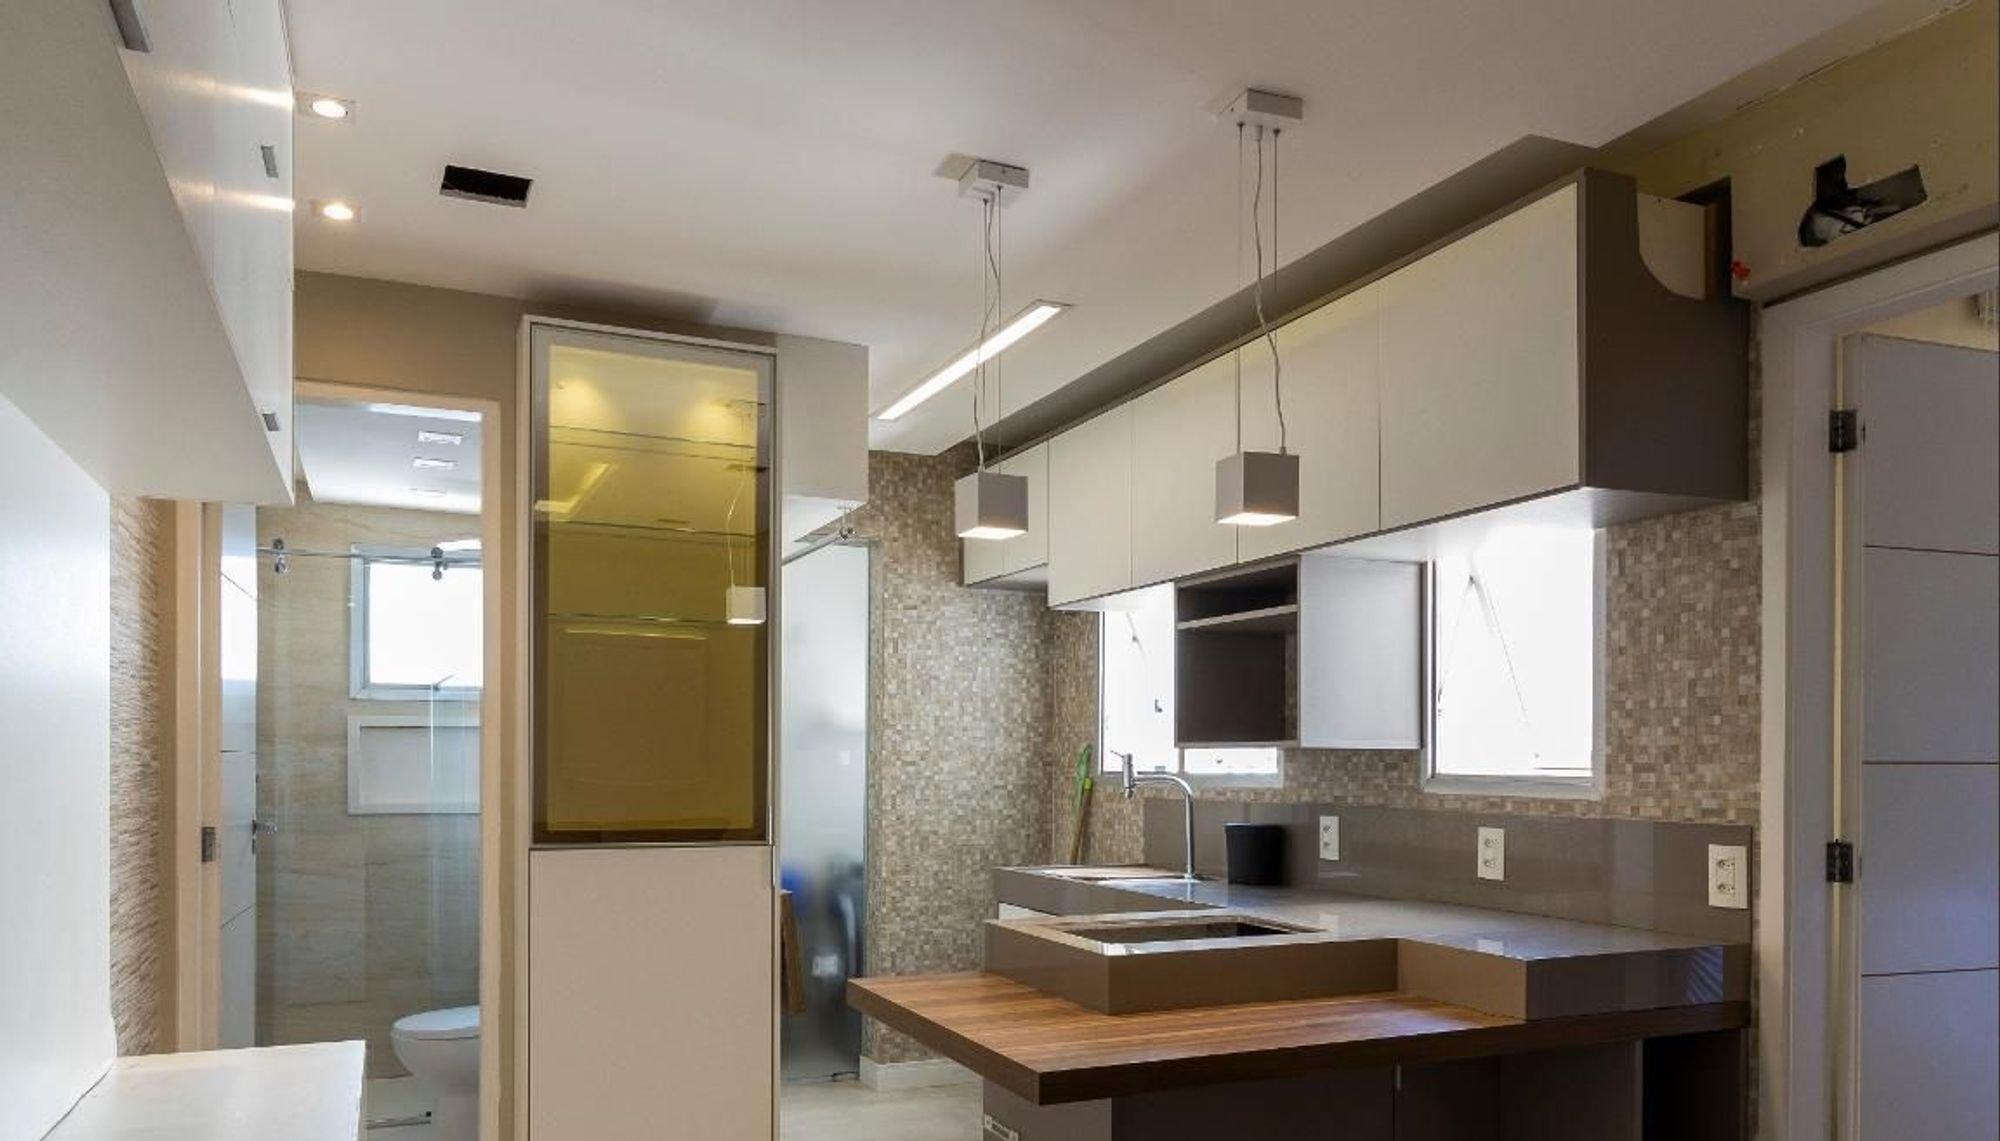 Foto de Cozinha com vaso sanitário